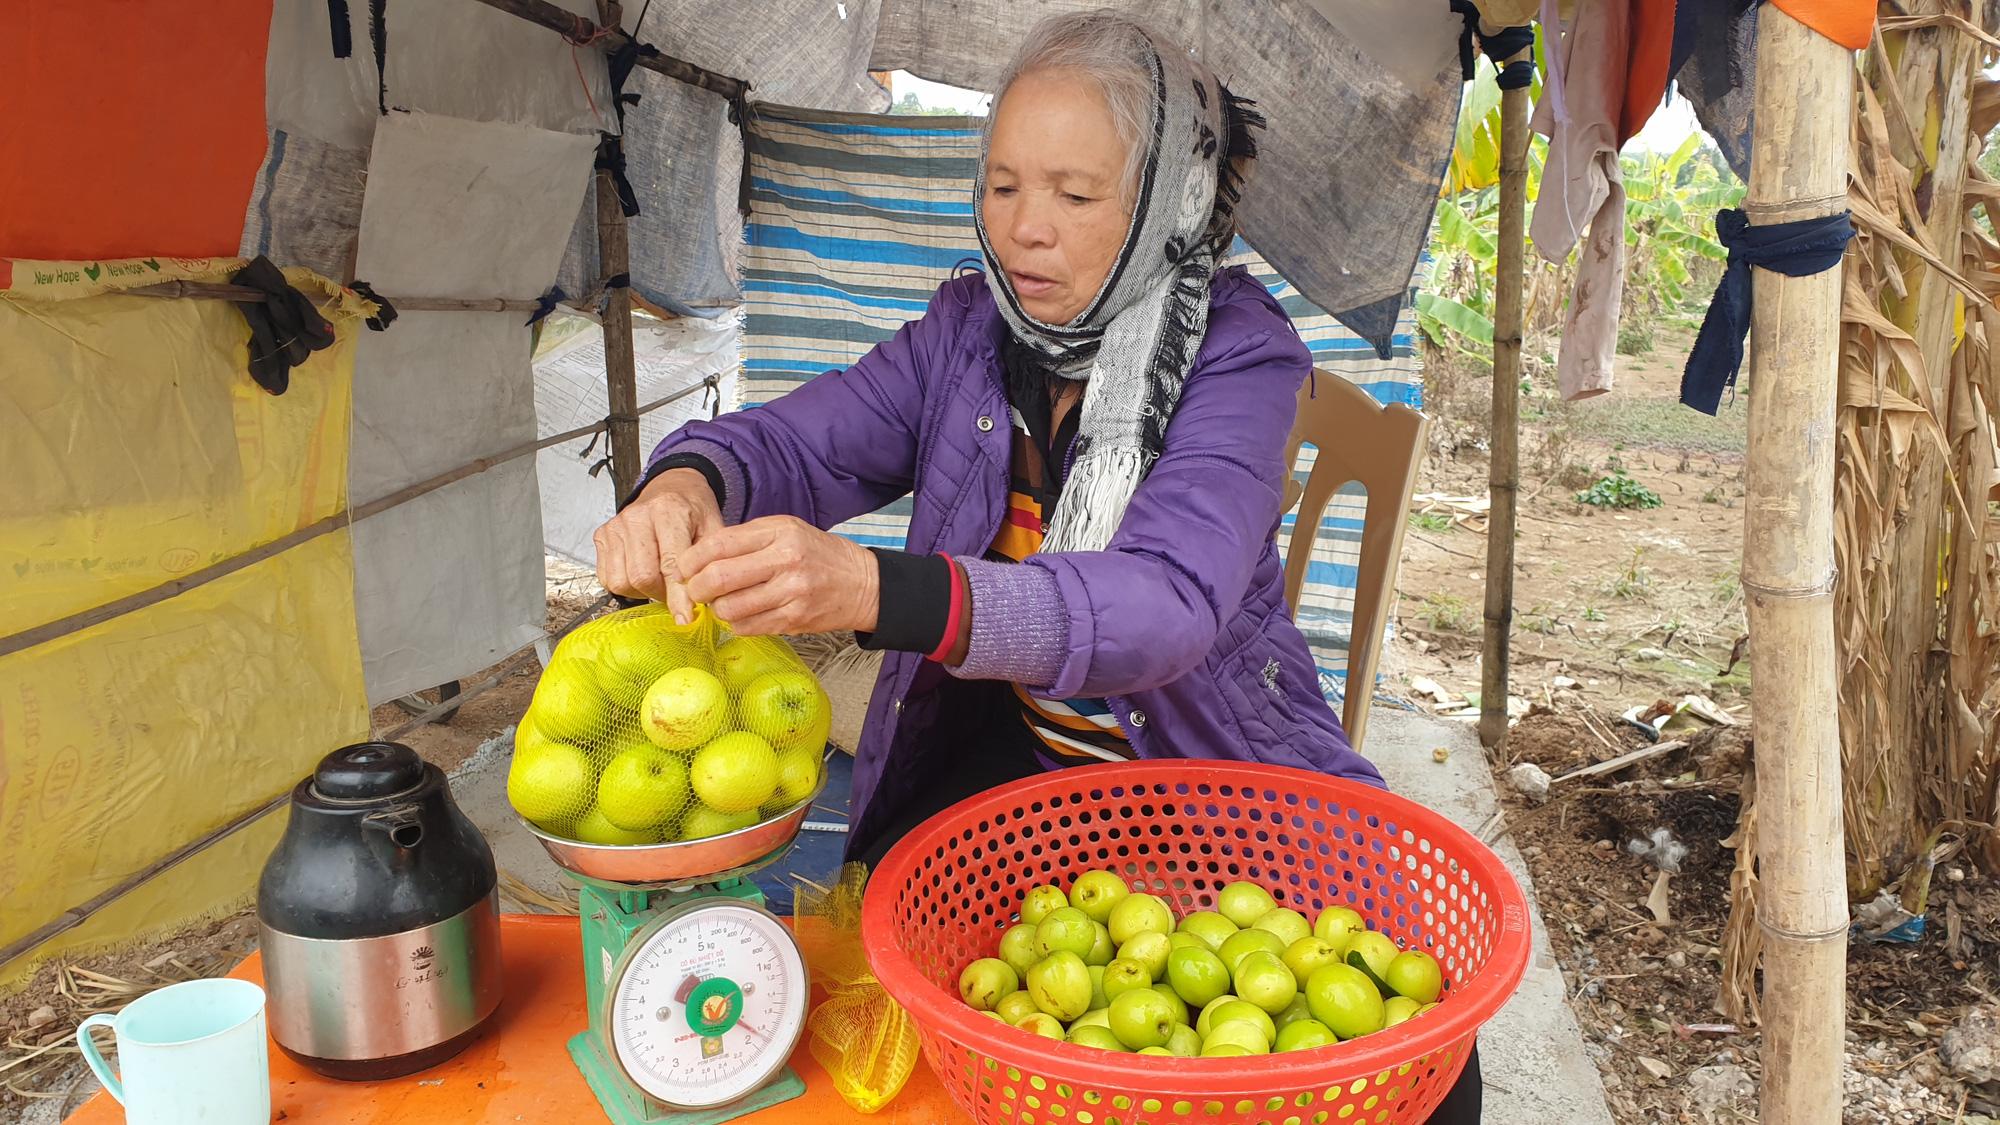 Thái Bình: Rủ nhau trồng táo làm giàu, cả xóm ở đây ăn nên làm ra - Ảnh 3.